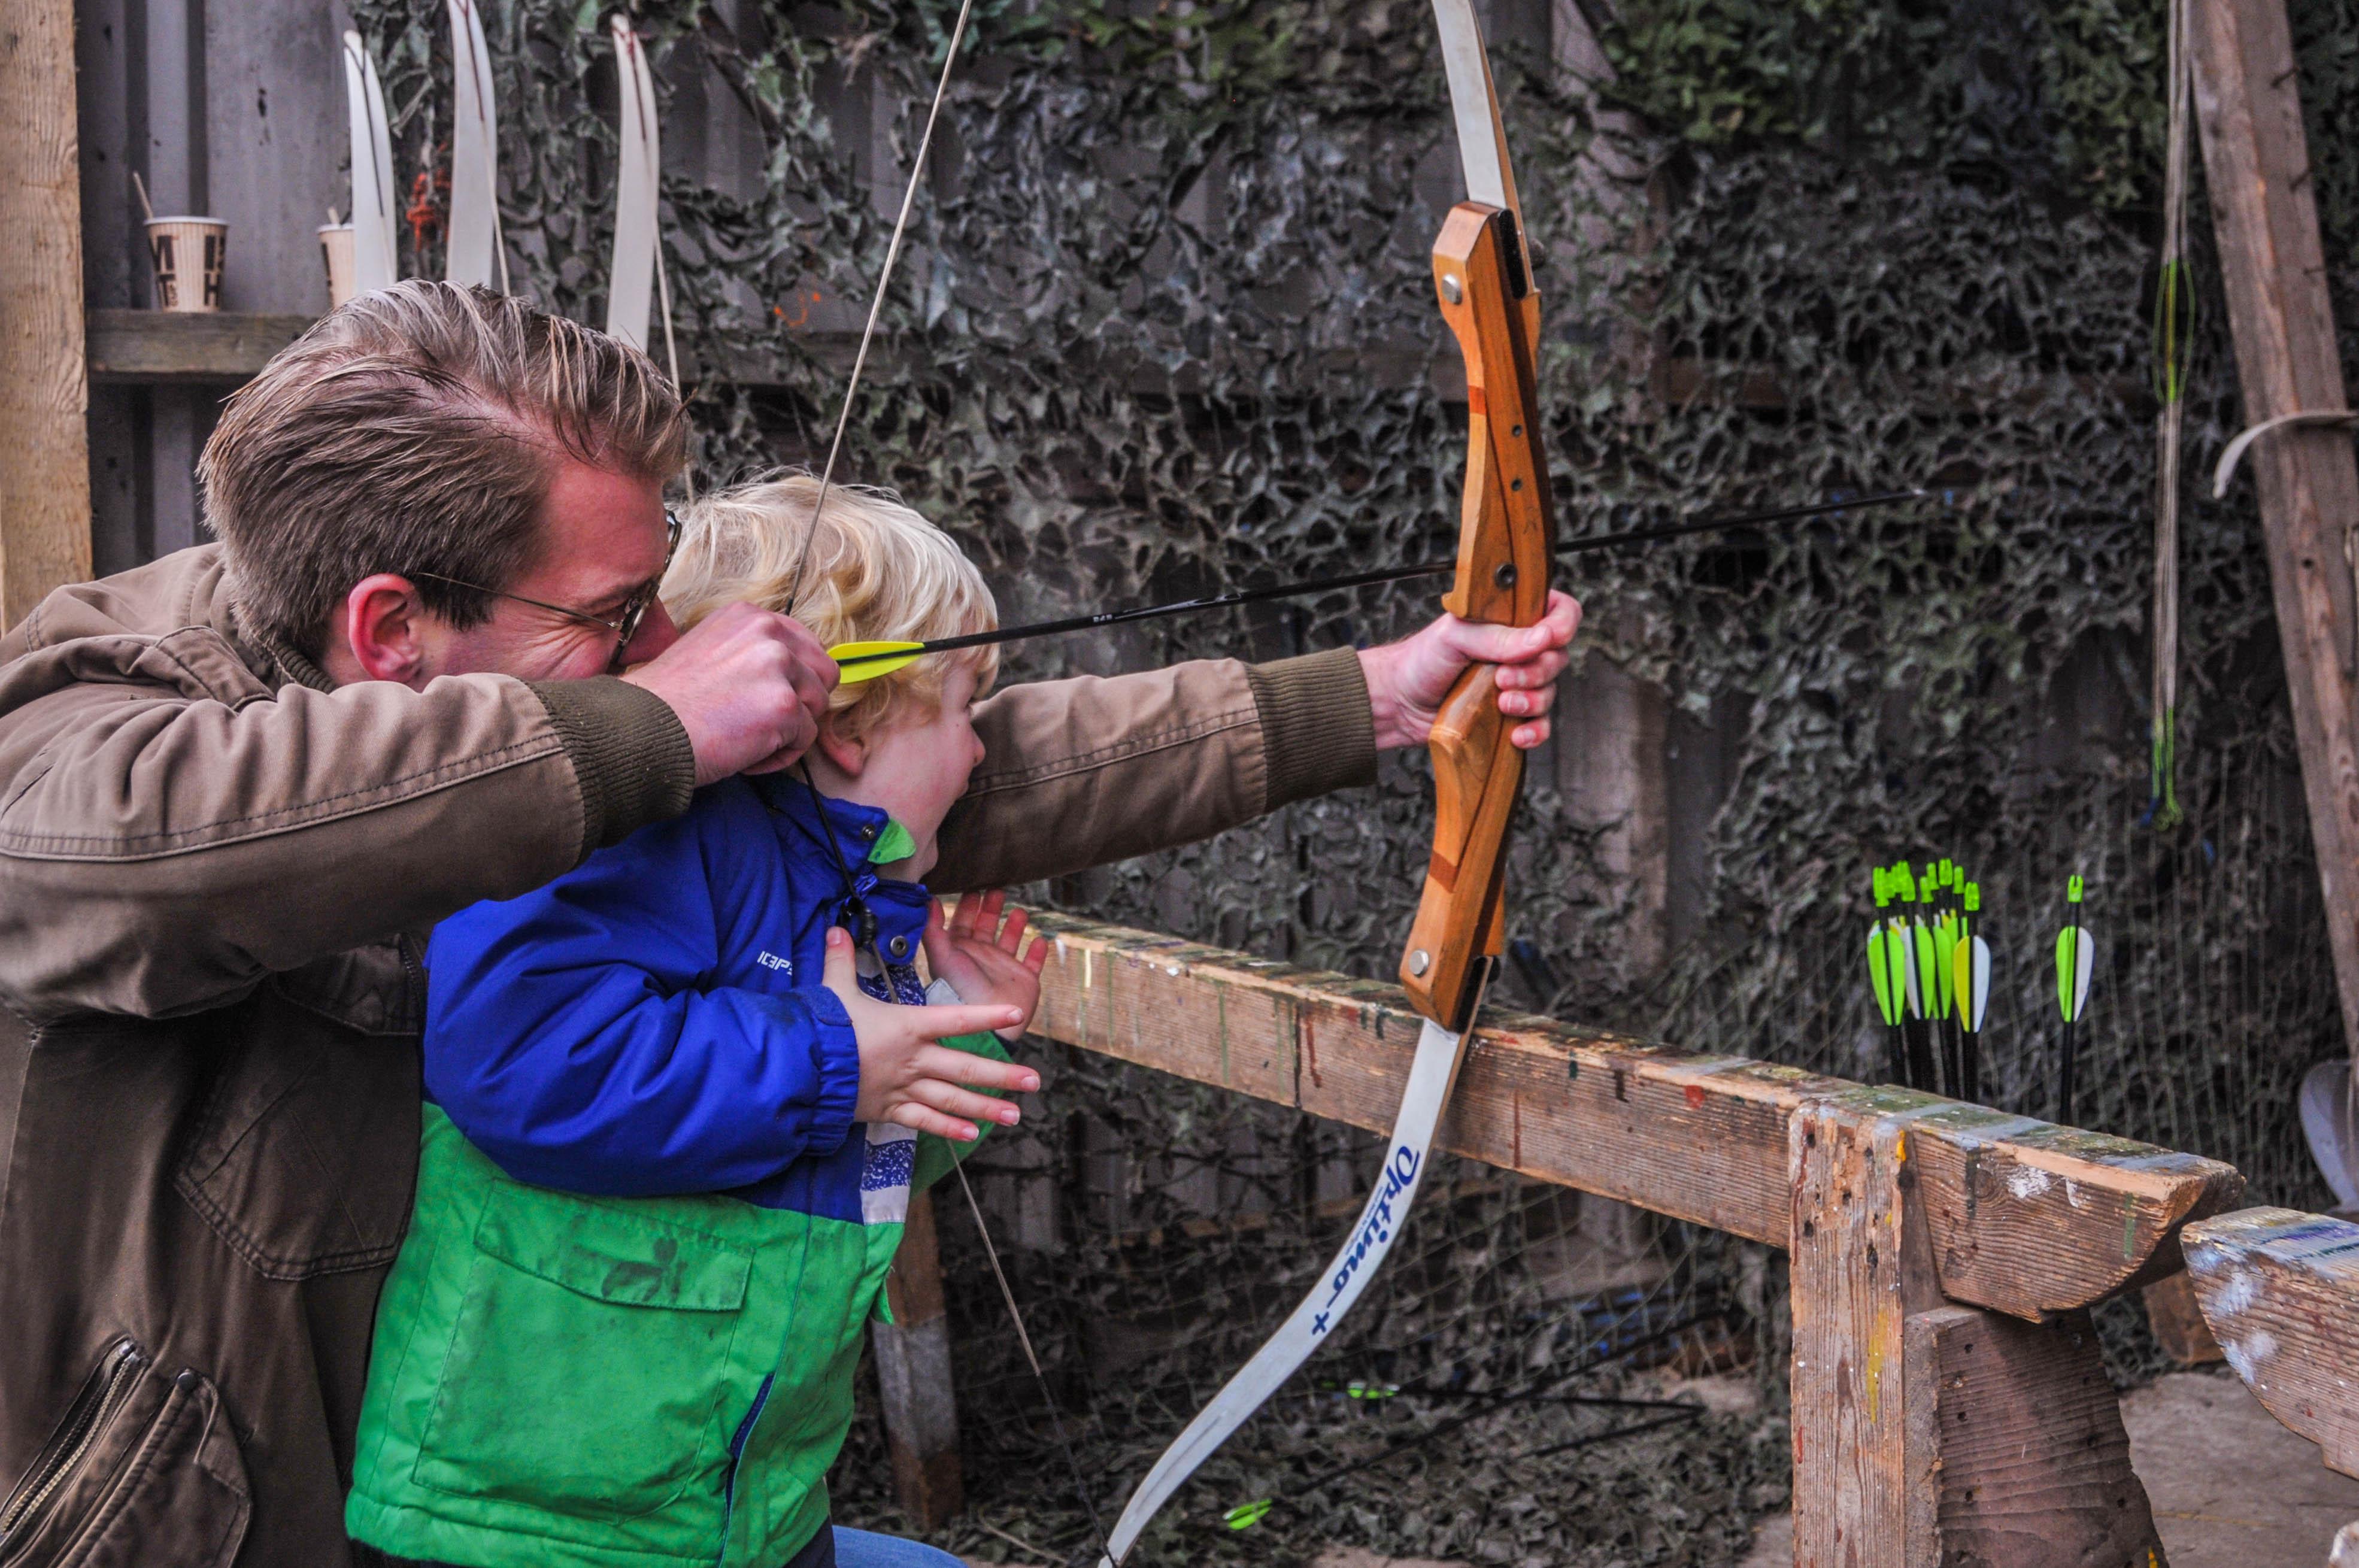 Boogschieten | Camping de Boerinn